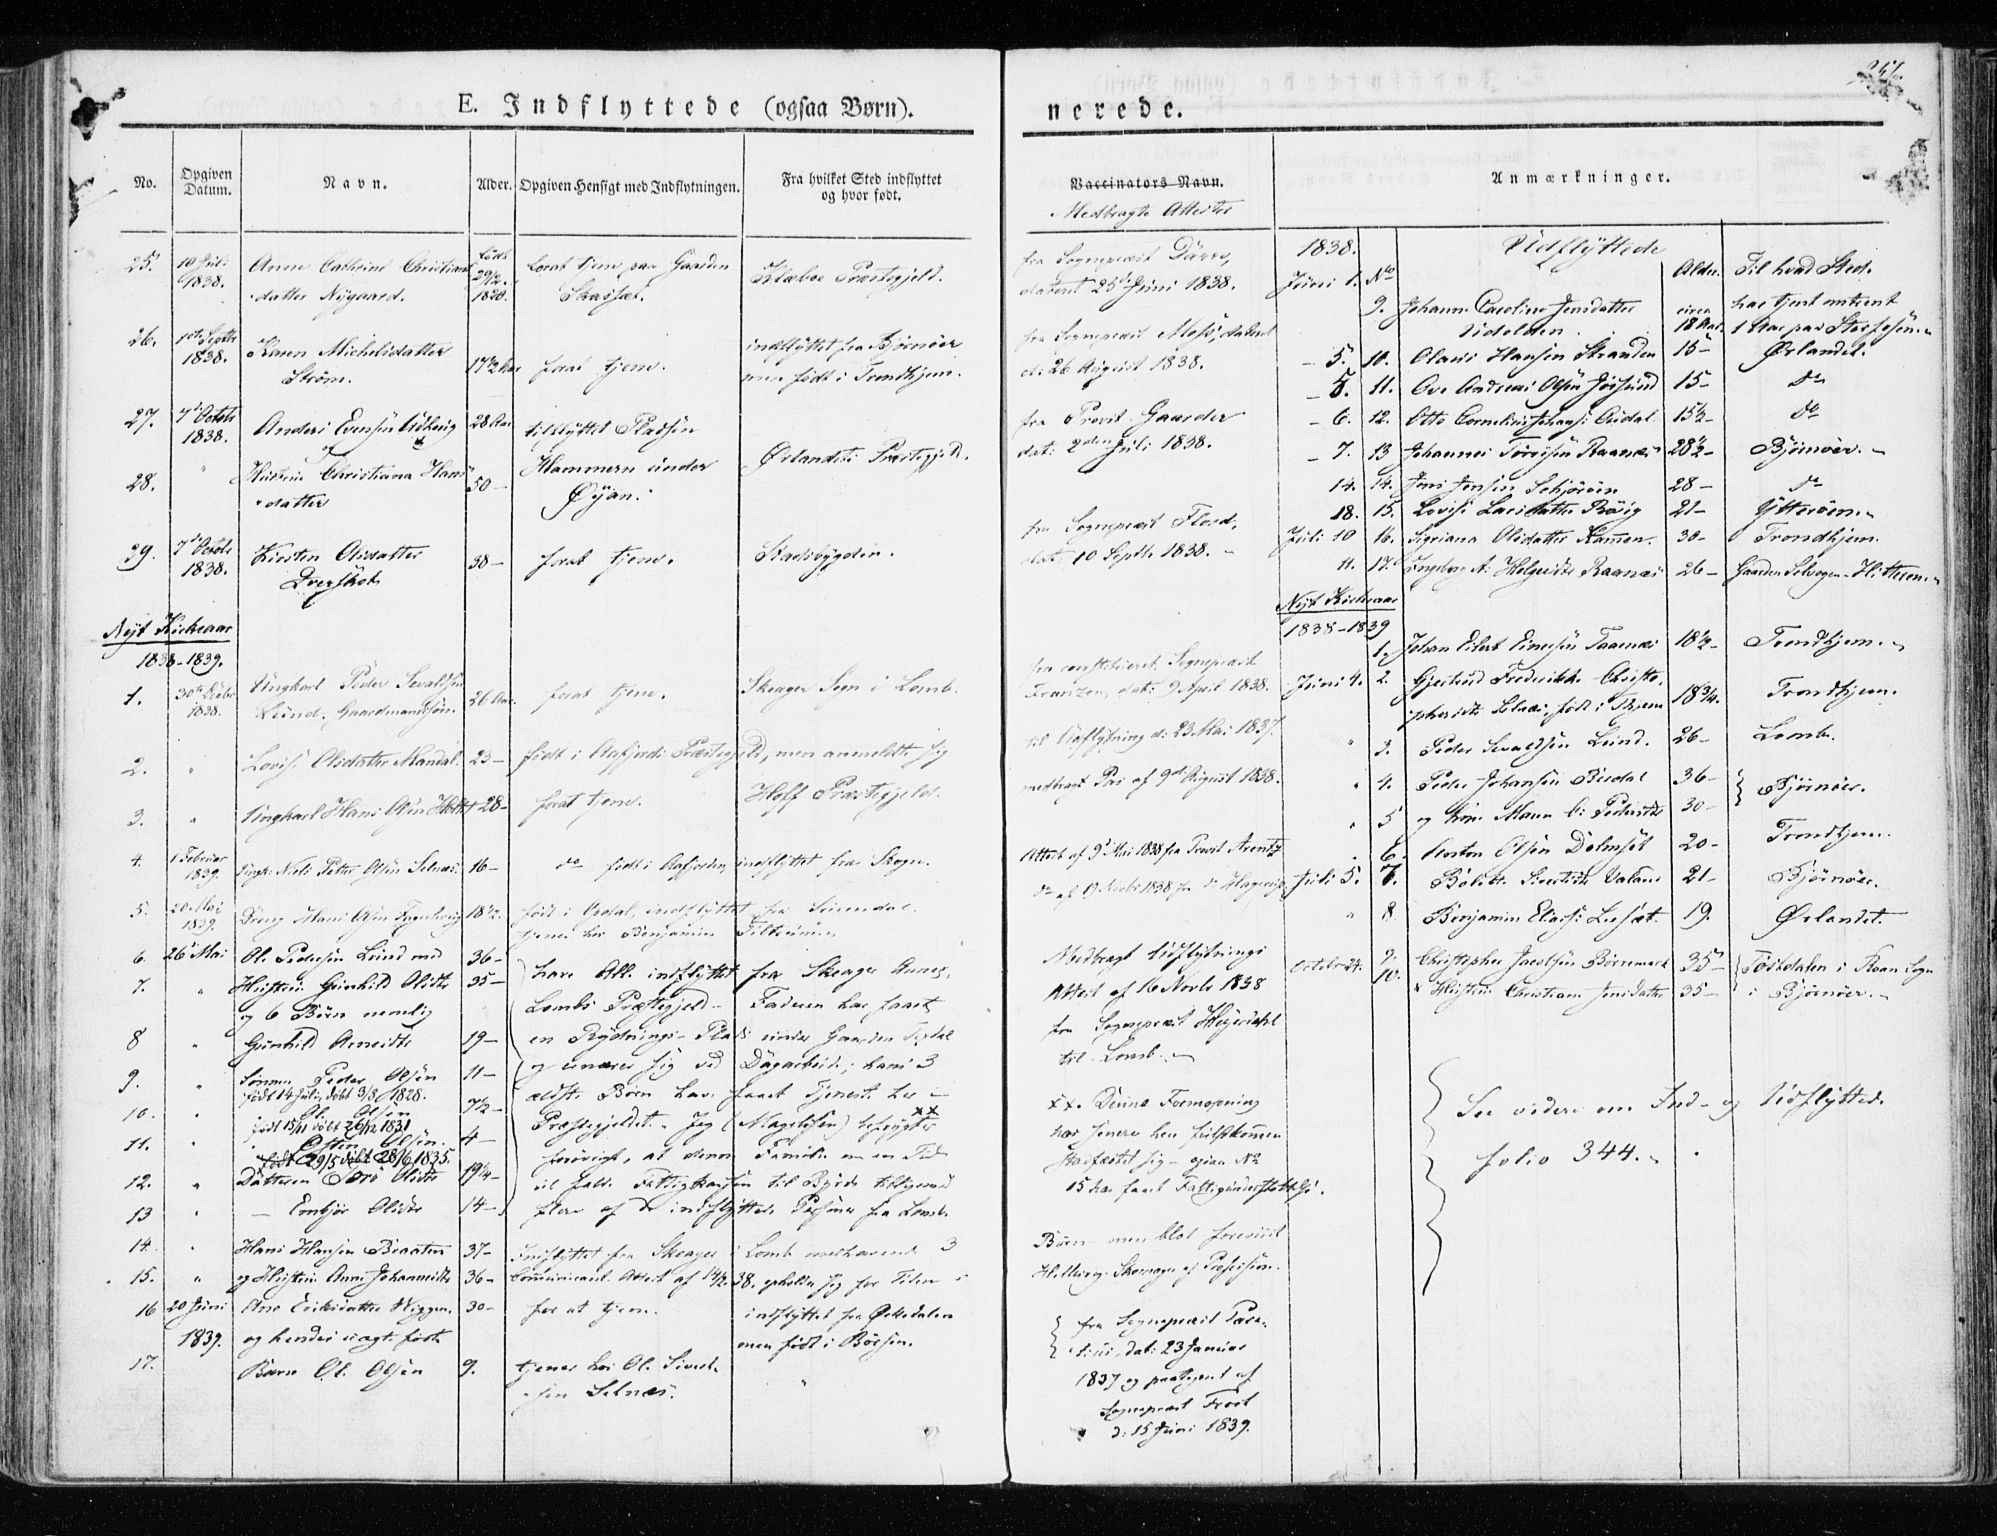 SAT, Ministerialprotokoller, klokkerbøker og fødselsregistre - Sør-Trøndelag, 655/L0676: Ministerialbok nr. 655A05, 1830-1847, s. 251